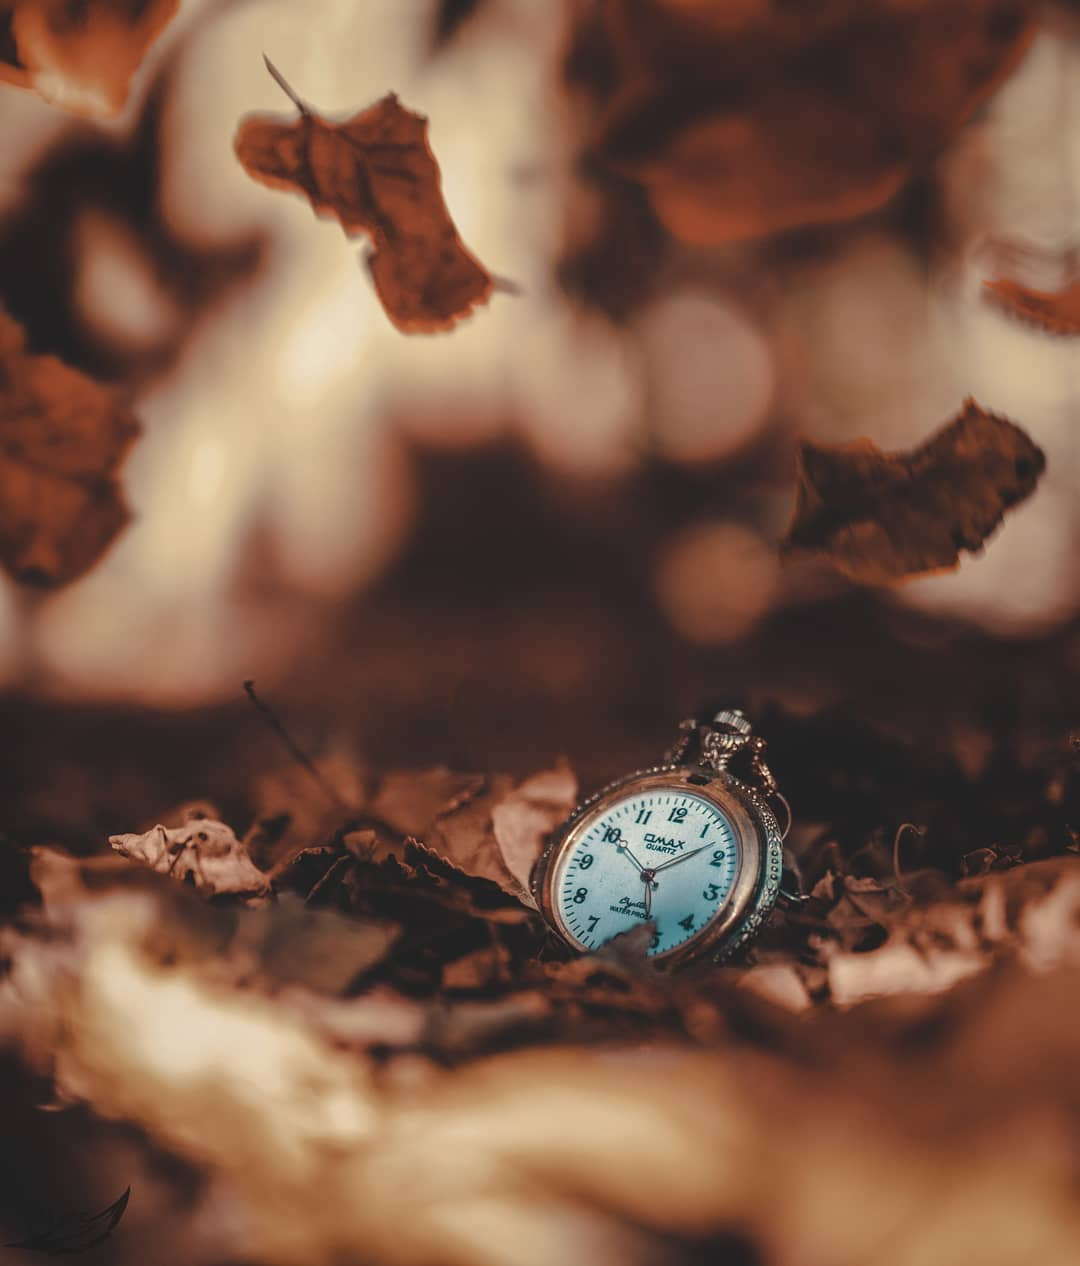 Фото Карманные часы в осенней листве, by hossein mahmoudpour